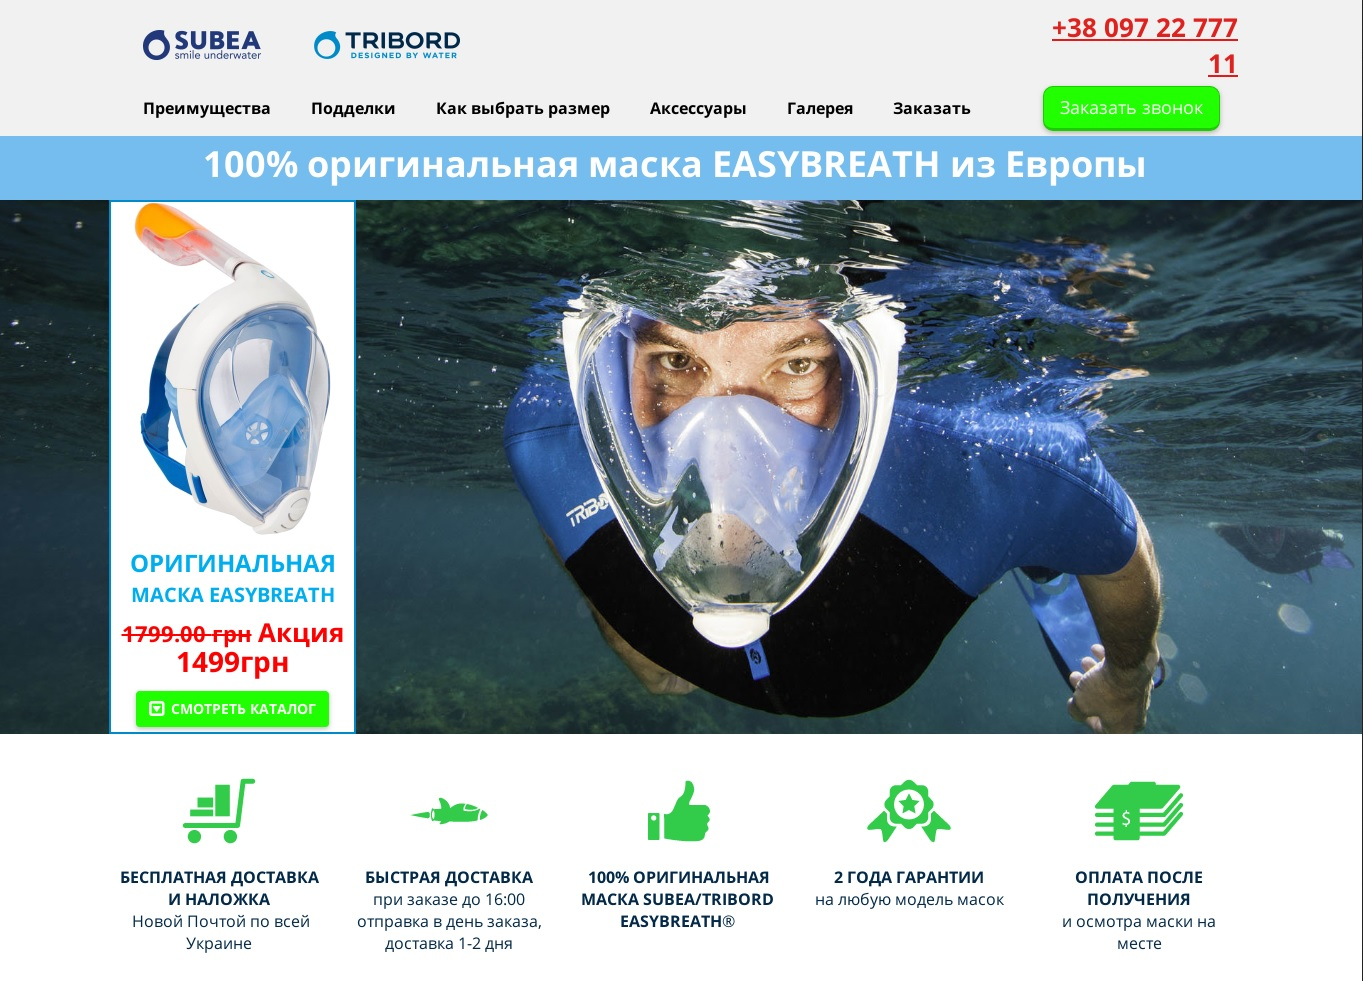 Cybersquatting Noms Domaine vente Contrefaçon masque Easybreath Decathlon